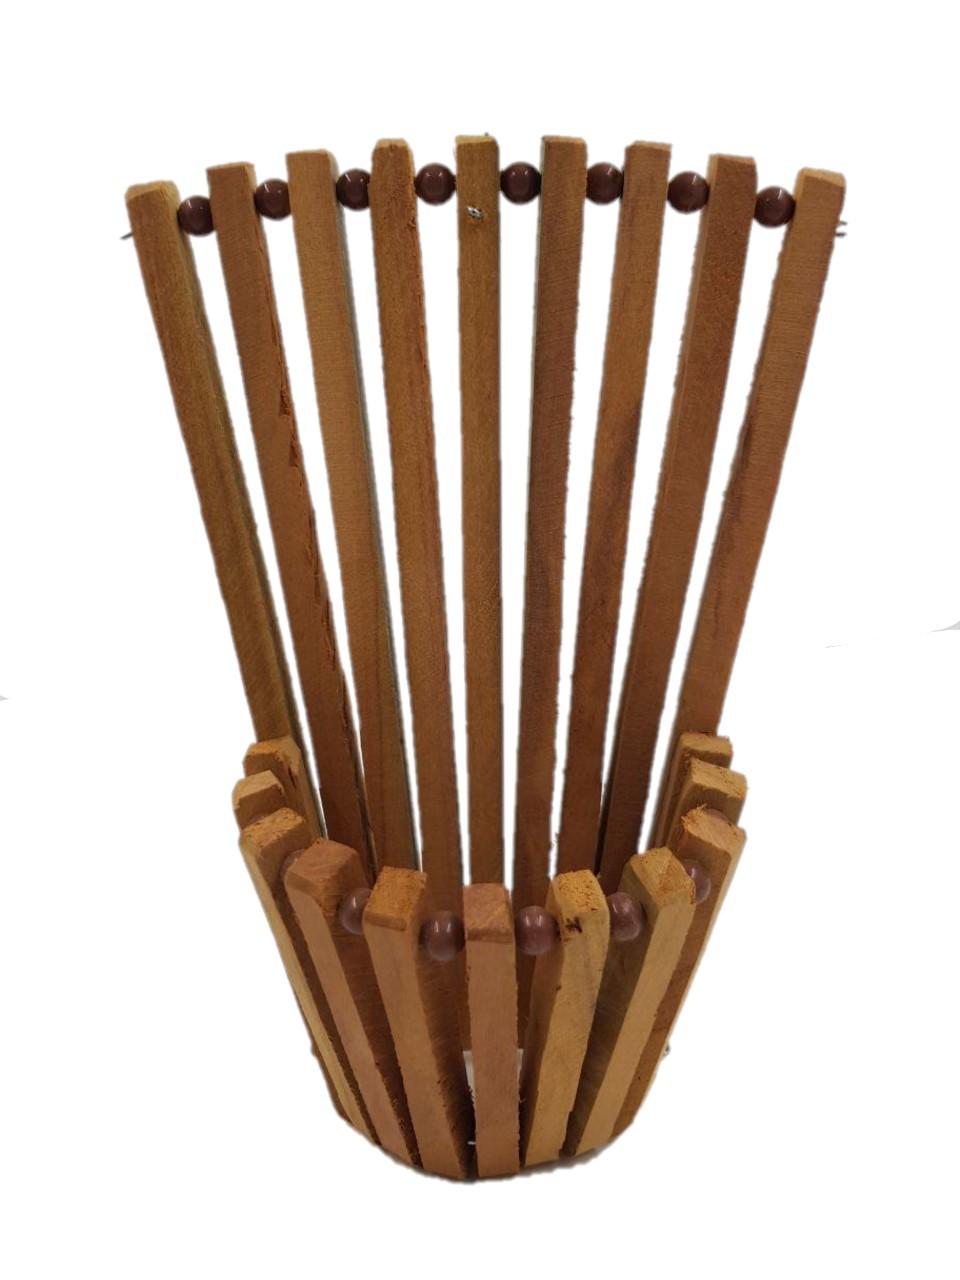 Leque de madeira 20 cm - kit com 10